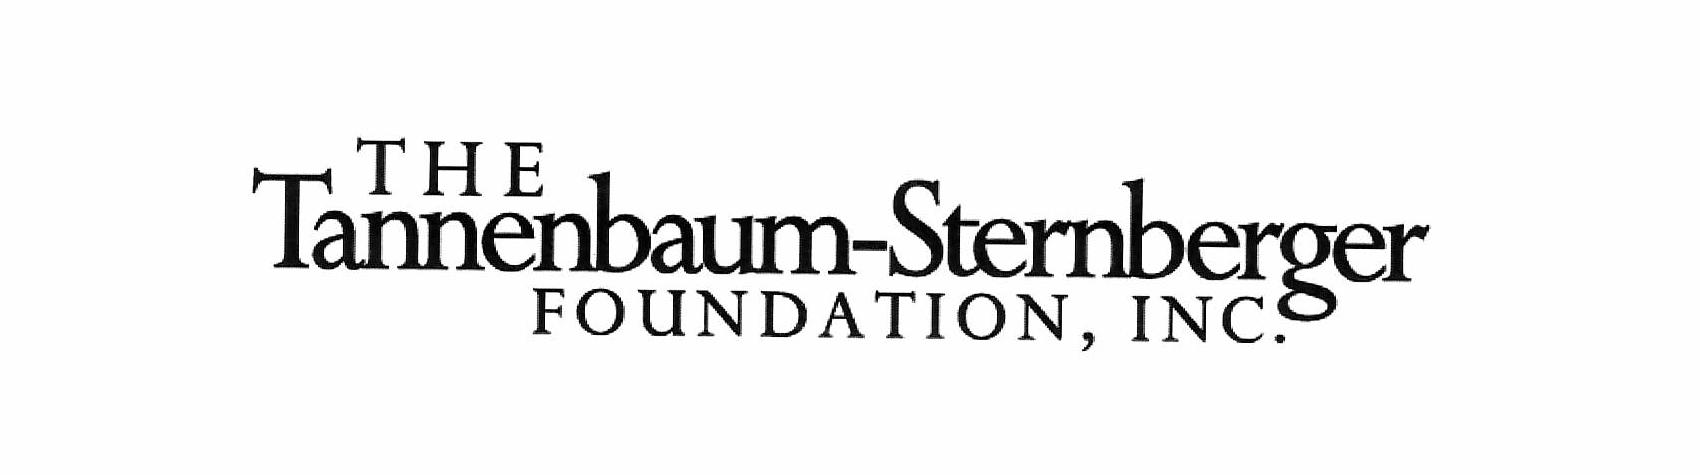 Tannenbaum-Sternberger Foundation